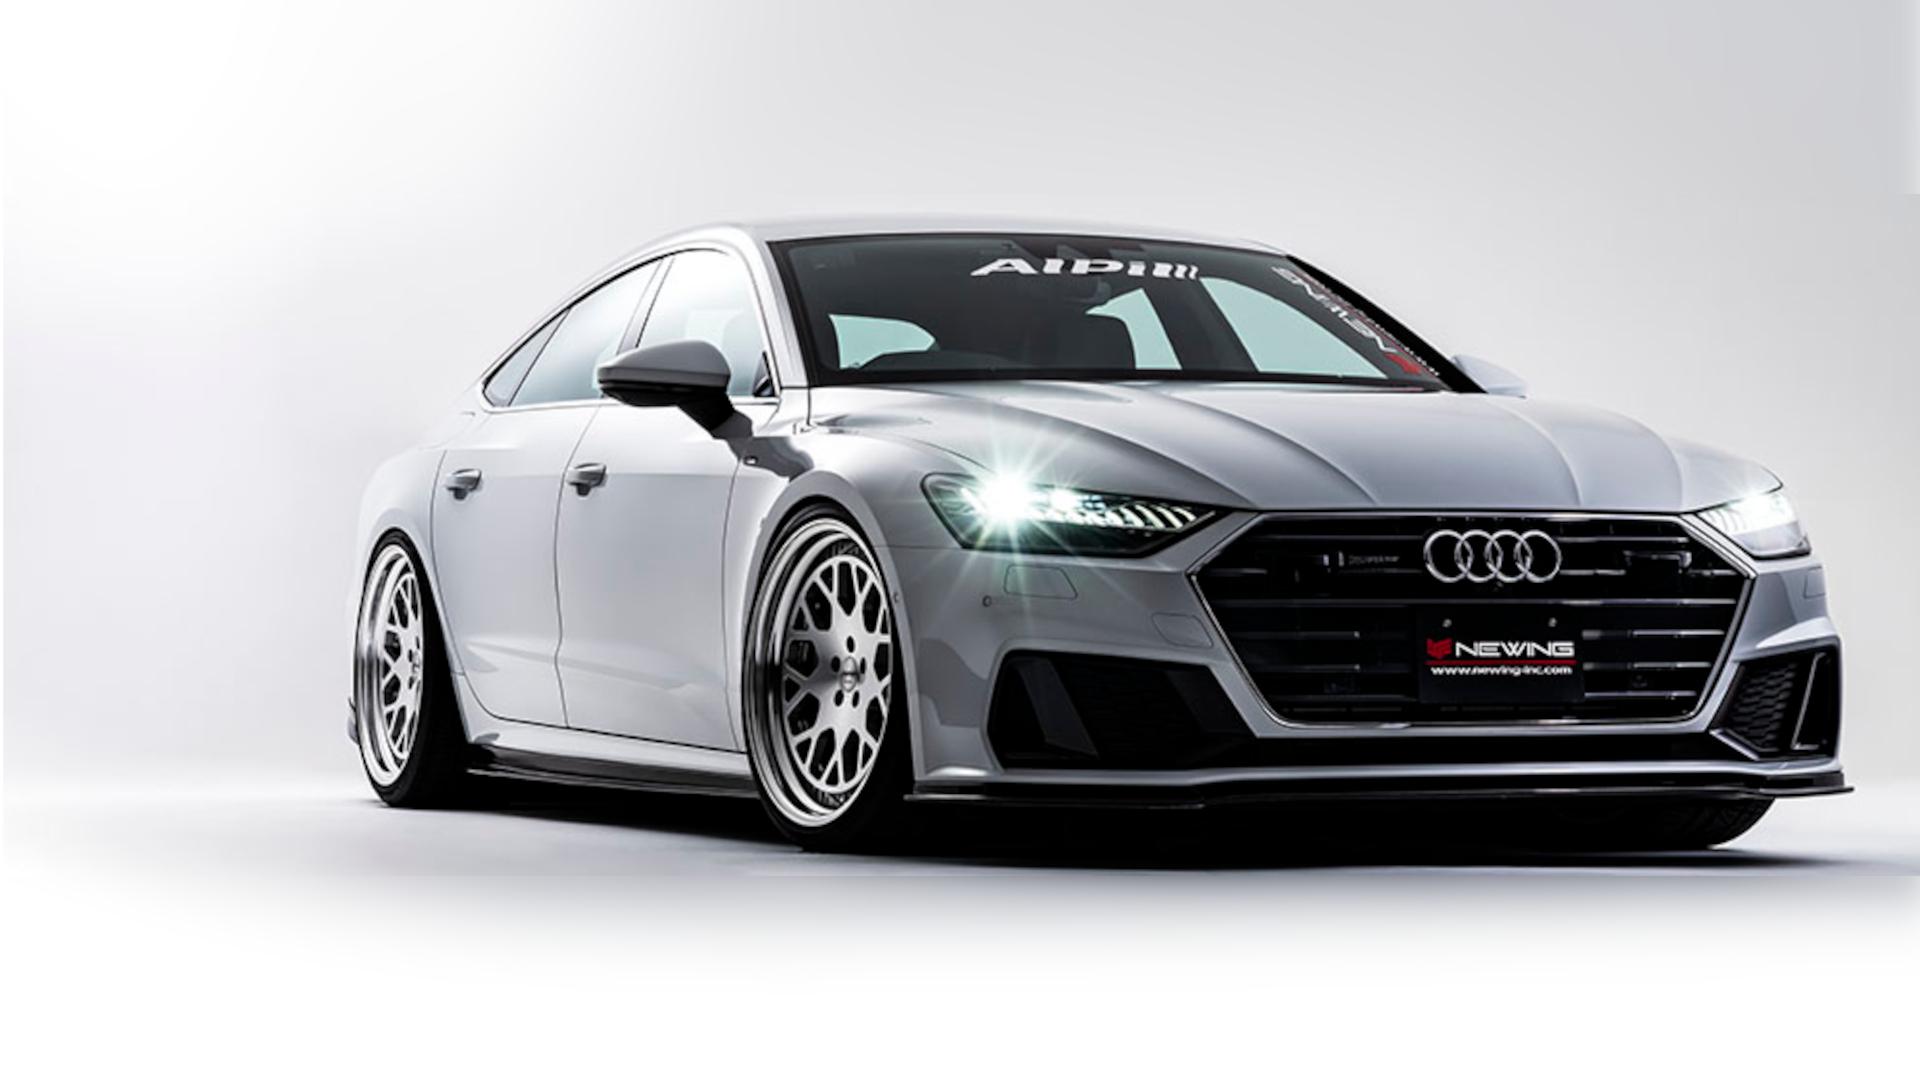 NEWING Alpil A7sportback (F2) Body Kit